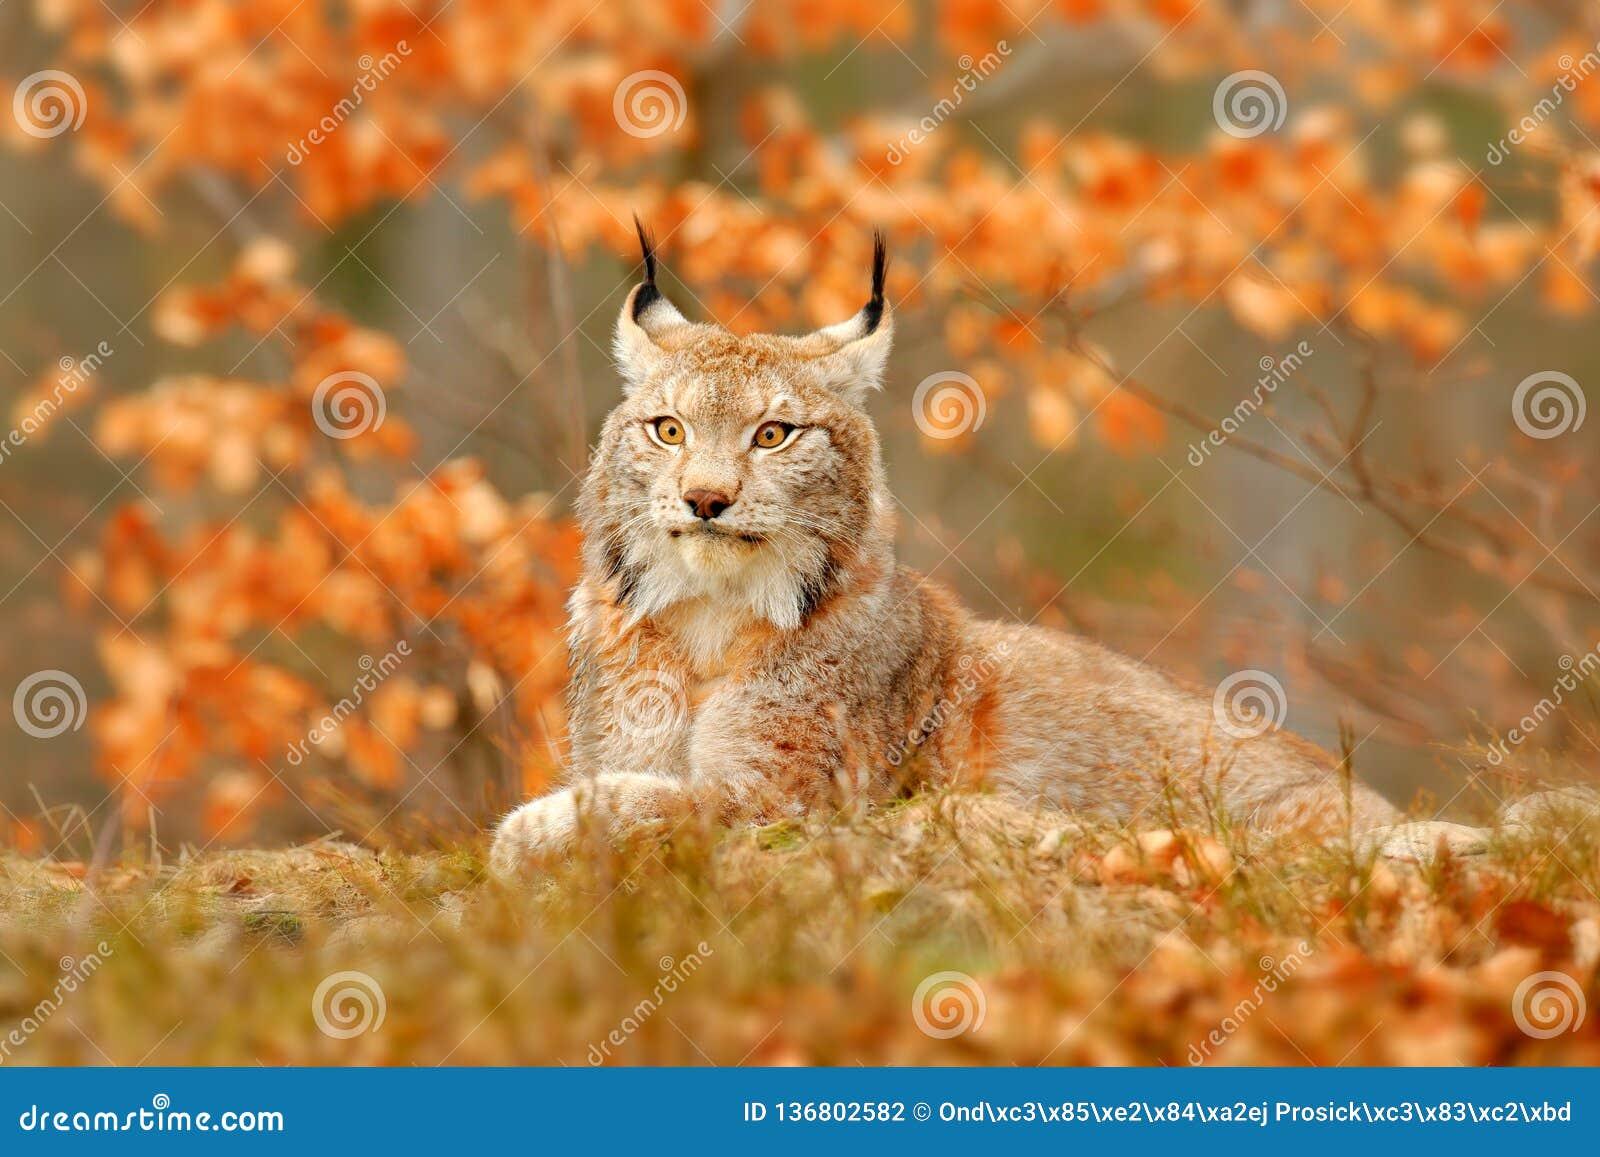 Ryś w pomarańczowej jesieni przyrody lasowej scenie od natury Śliczny futerkowy Eurazjatycki ryś, zwierzę w siedlisku Dziki kot o